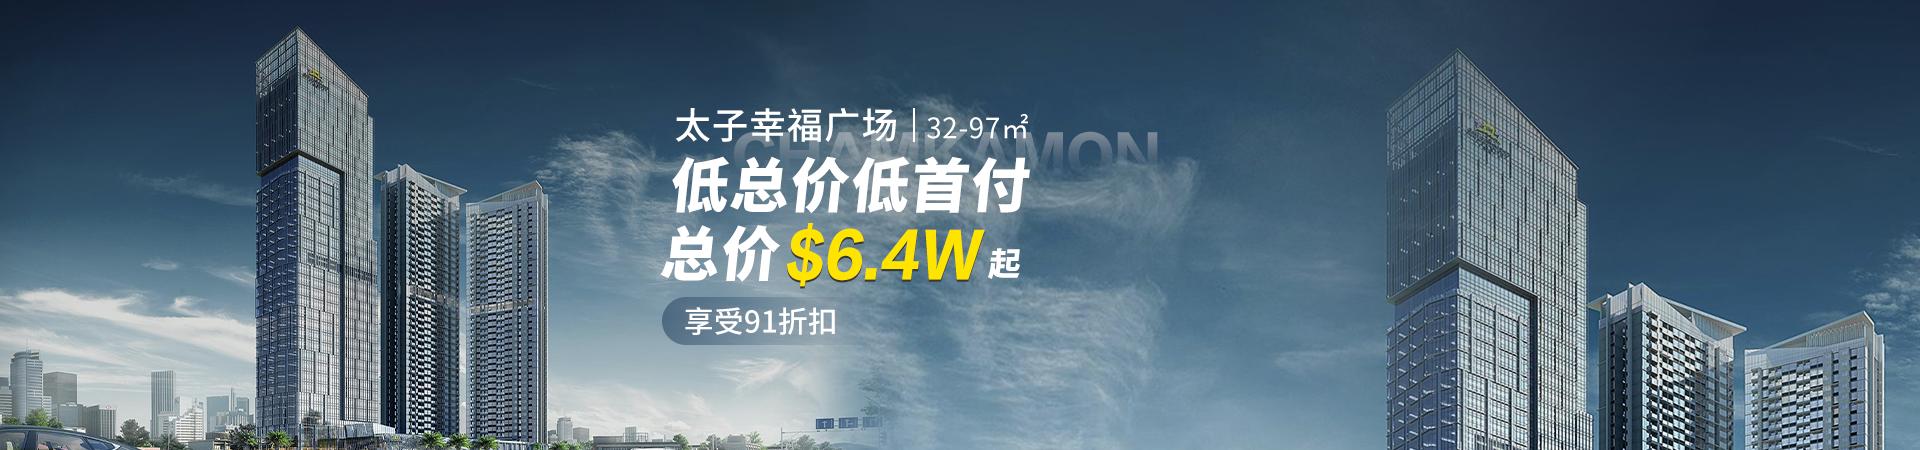 新房频道banner-CN